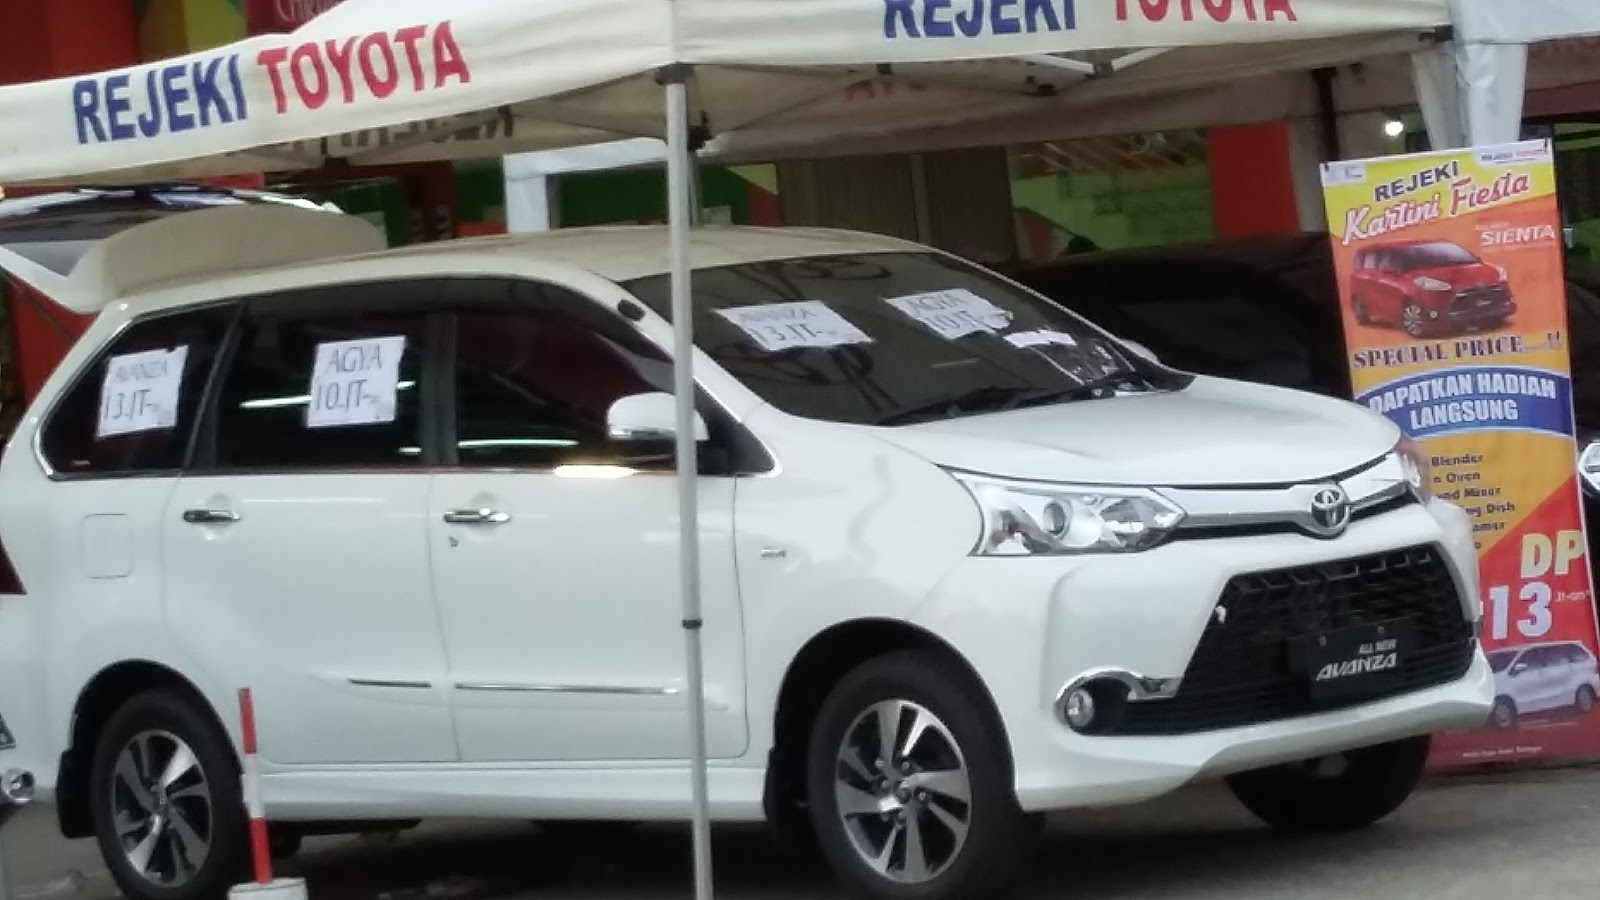 Harga Grand New Avanza Di Makassar Lampu Reflektor Guntur Sapta Kredit Mobil Indramayu Dp